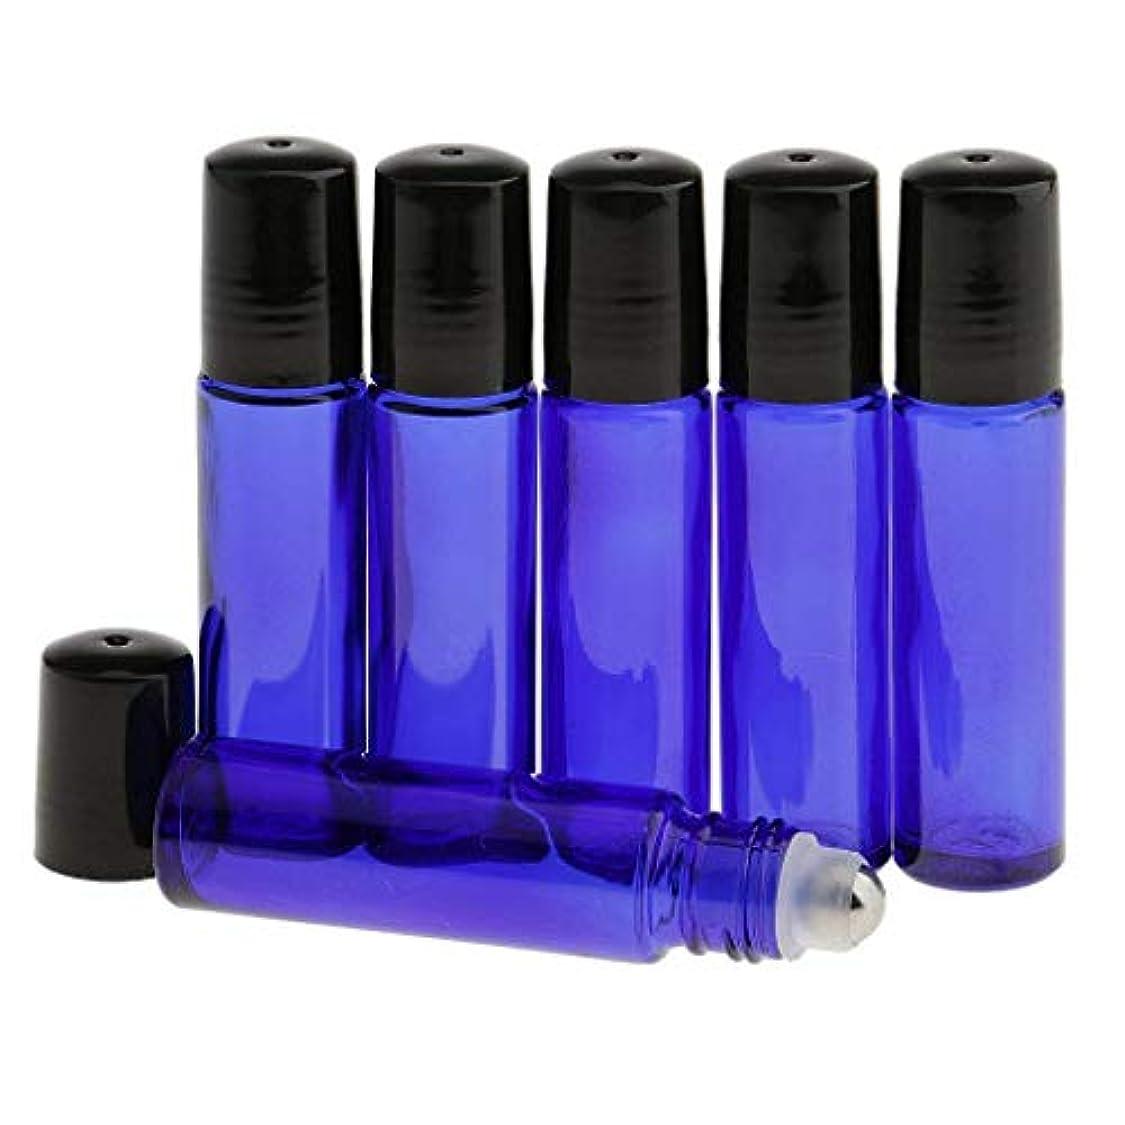 スクラップマキシムネックレットMini Rainbow ロールオンボトル 遮光瓶 ガラスロールタイプ 6 本セット (ブルー)